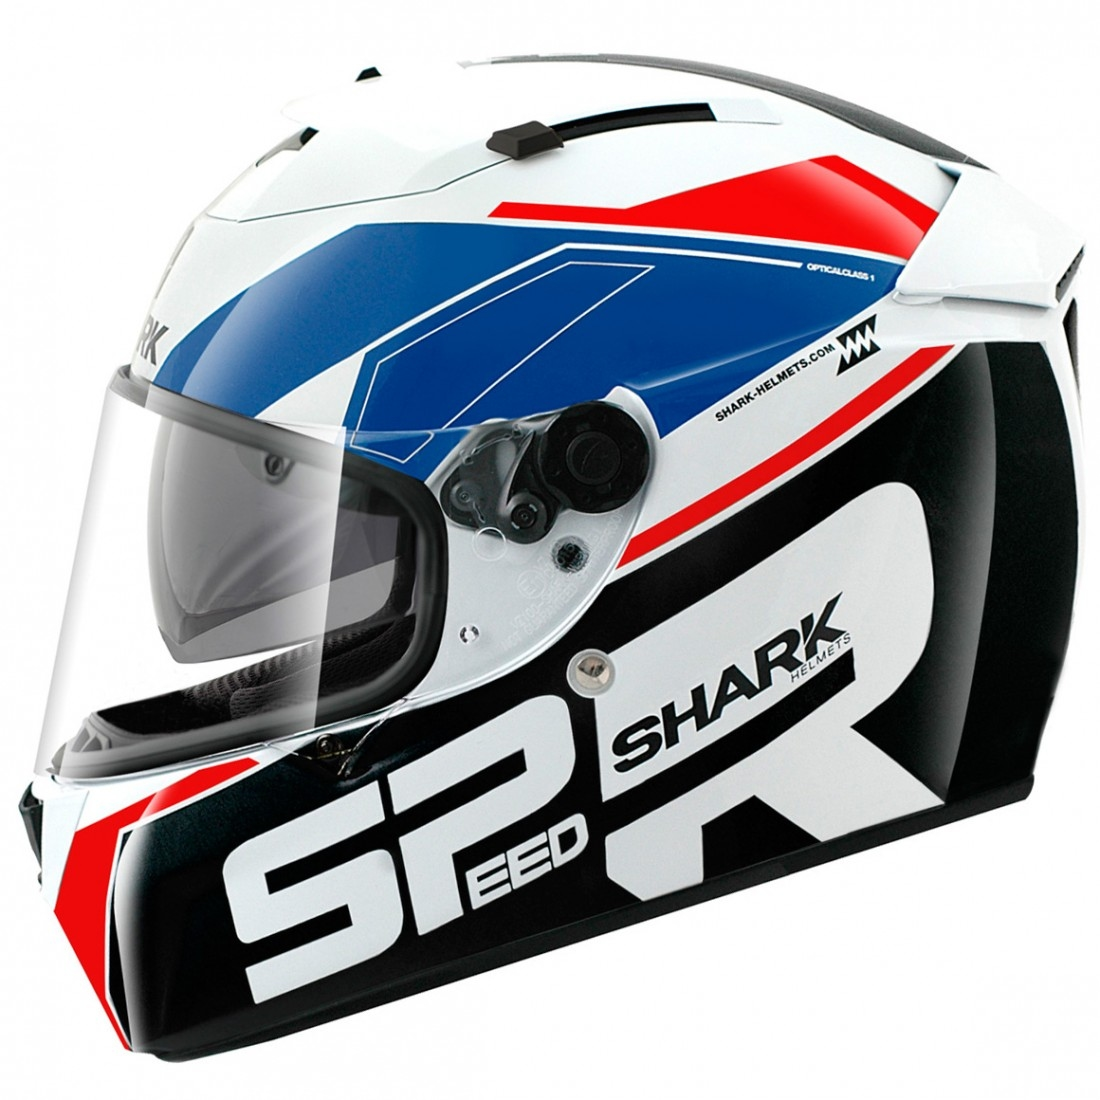 shark speed r se sauer white blue red helmet motocard. Black Bedroom Furniture Sets. Home Design Ideas